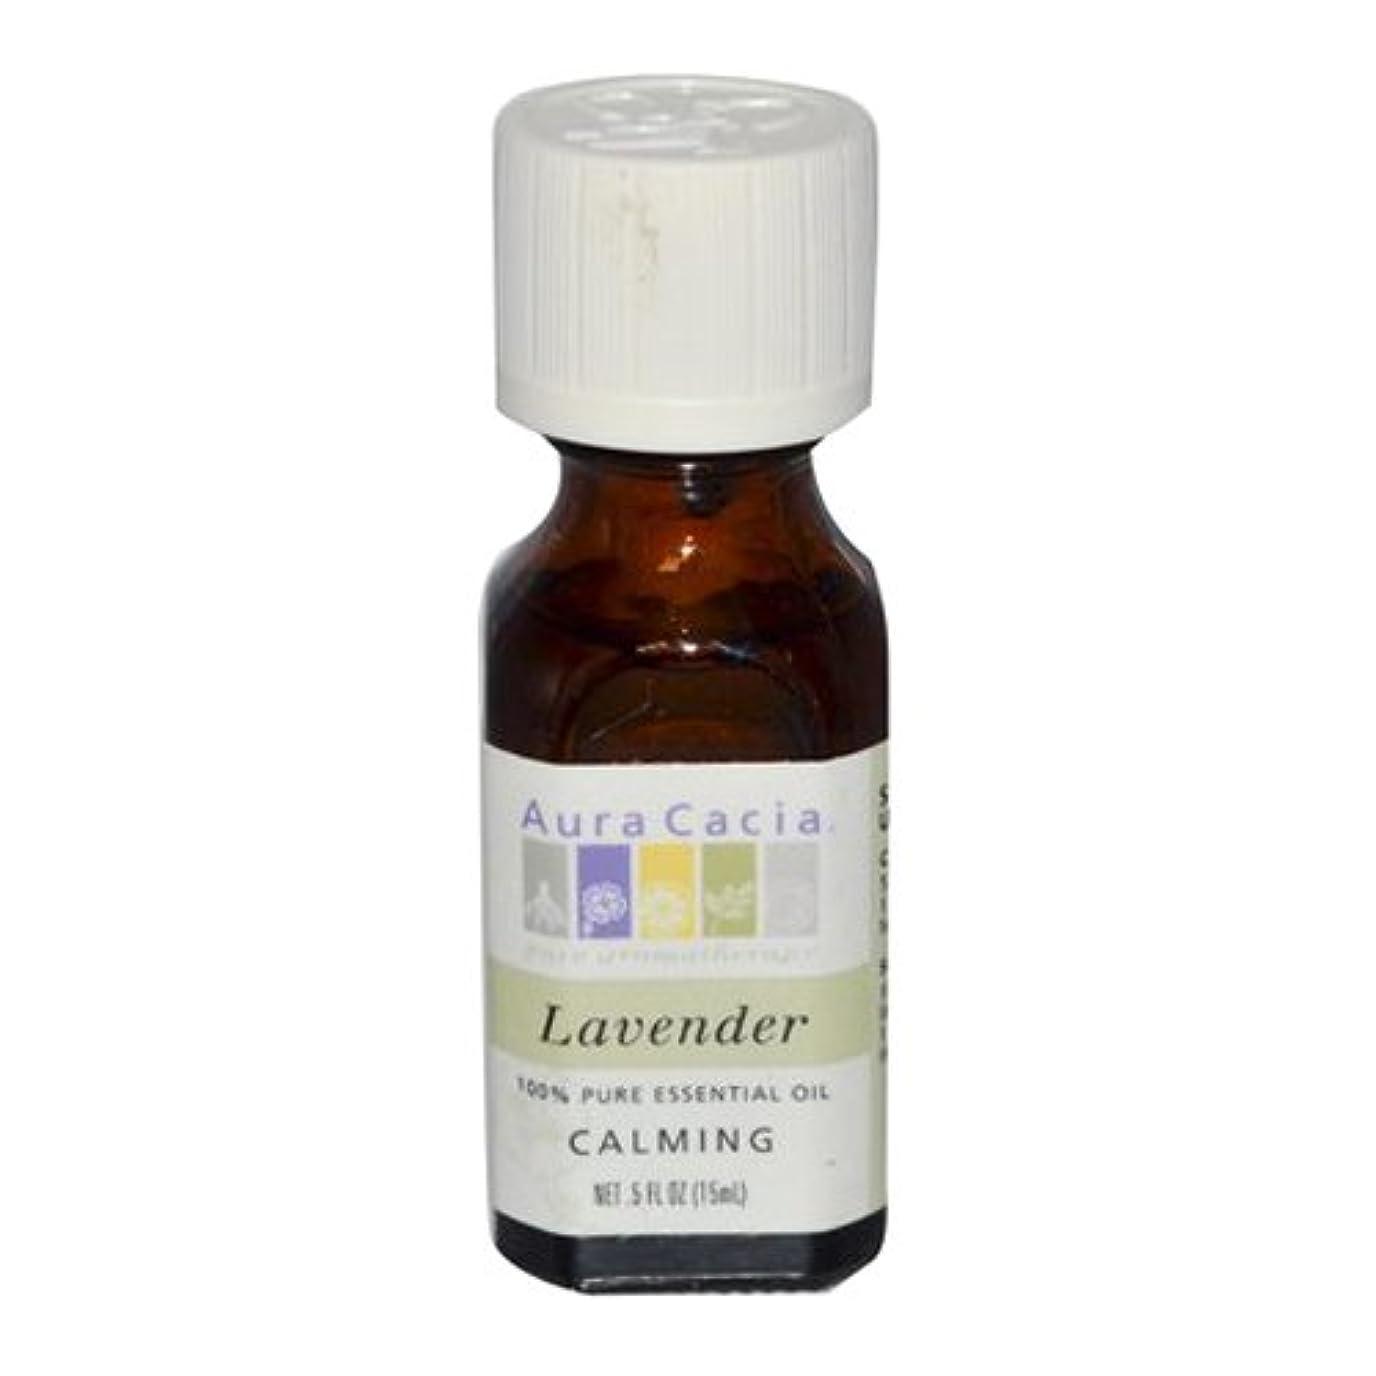 出します記念碑的なAura Cacia Lavender Calming Pure Essential Oil 15 ml (並行輸入品)